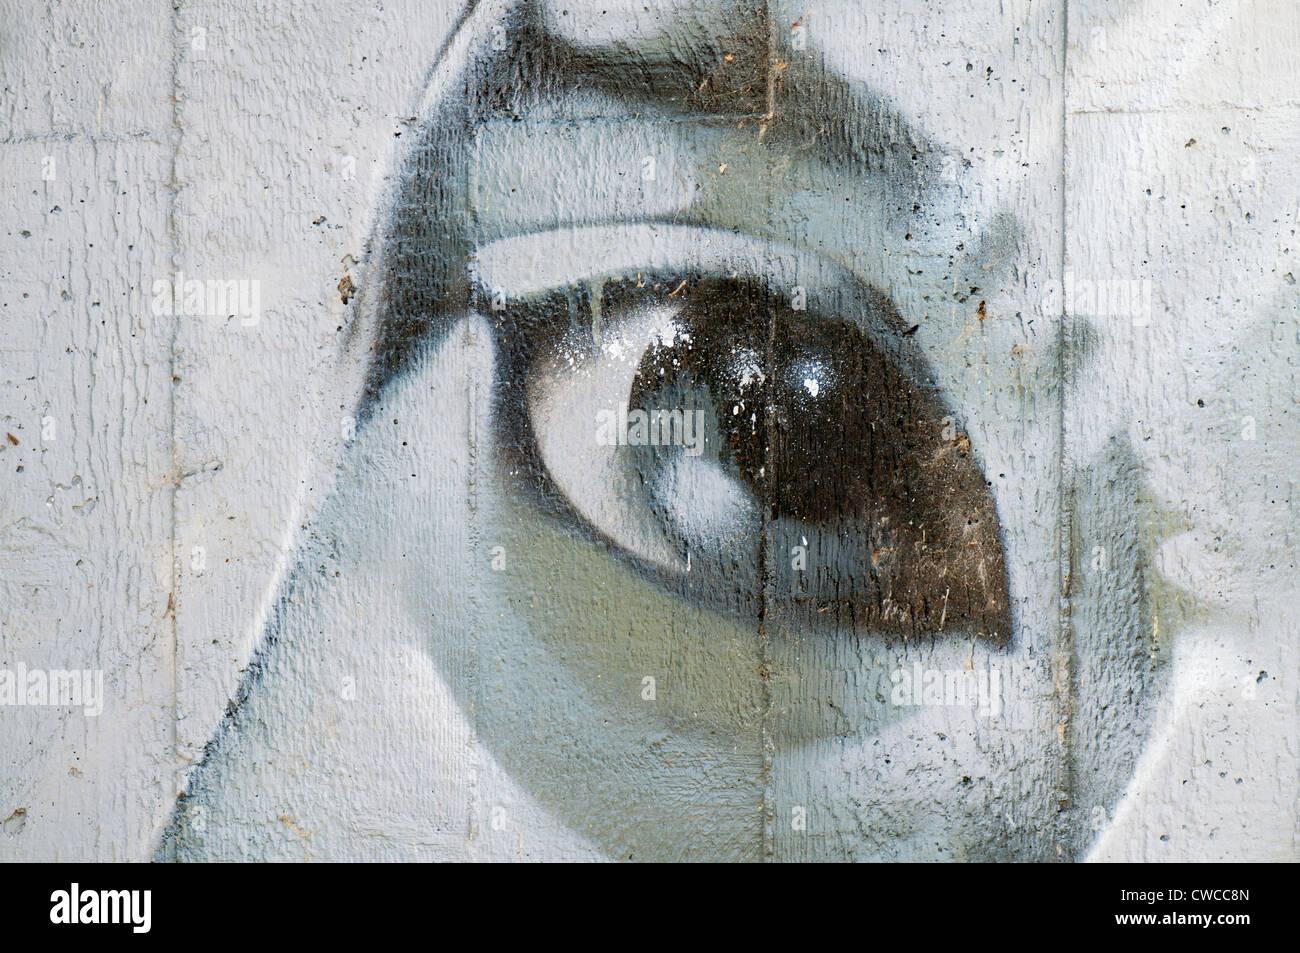 Detail von einem Graffiti auf eine Betonmauer gemalt. Stockbild